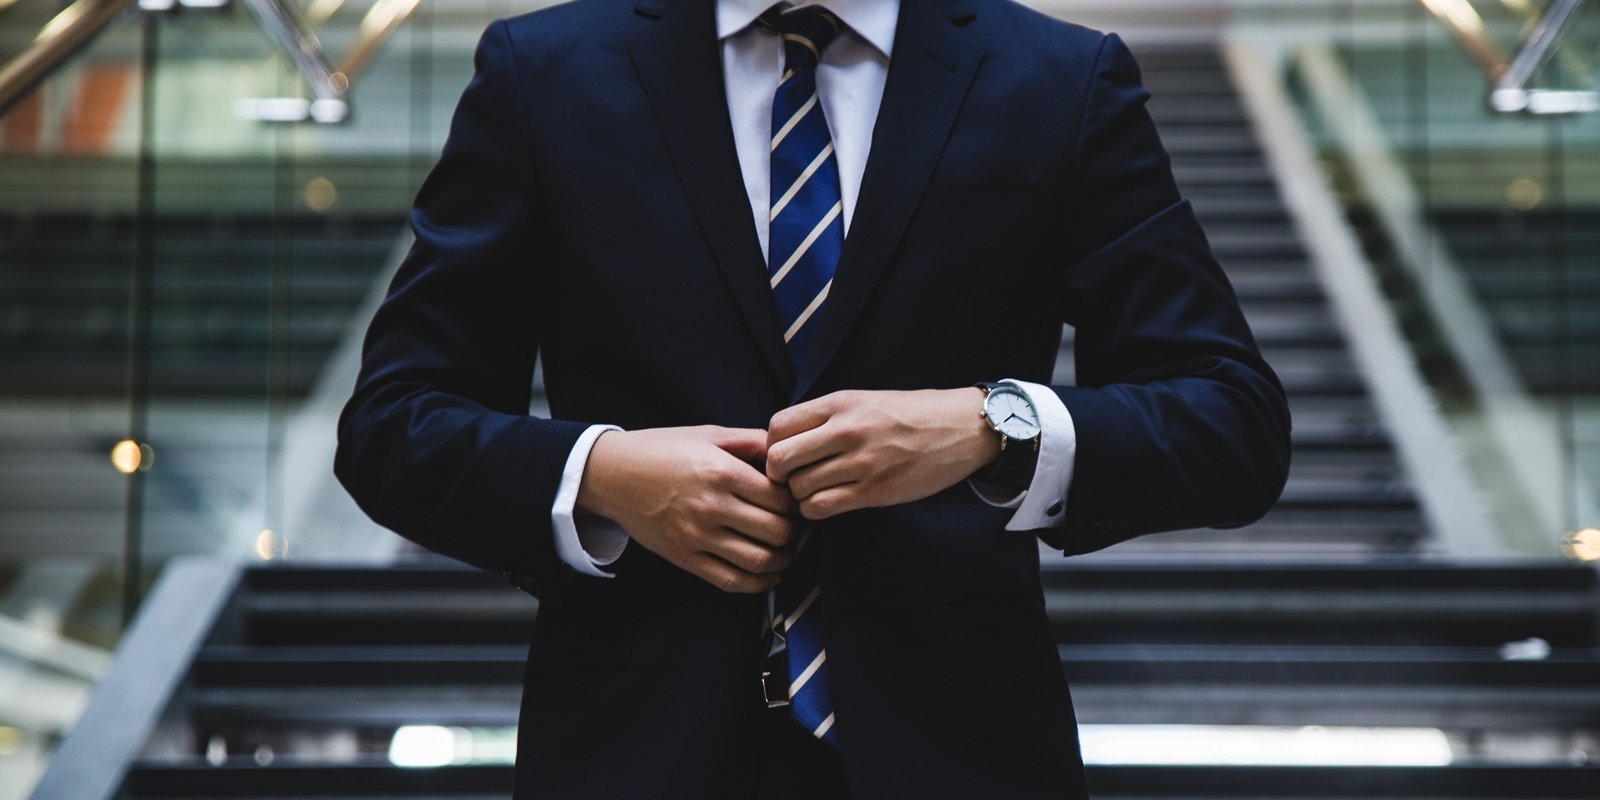 Kādēļ uzņēmumi refinansē savas saistības un desmit ieteikumi, kā to izdarīt pēc iespējas veiksmīgāk